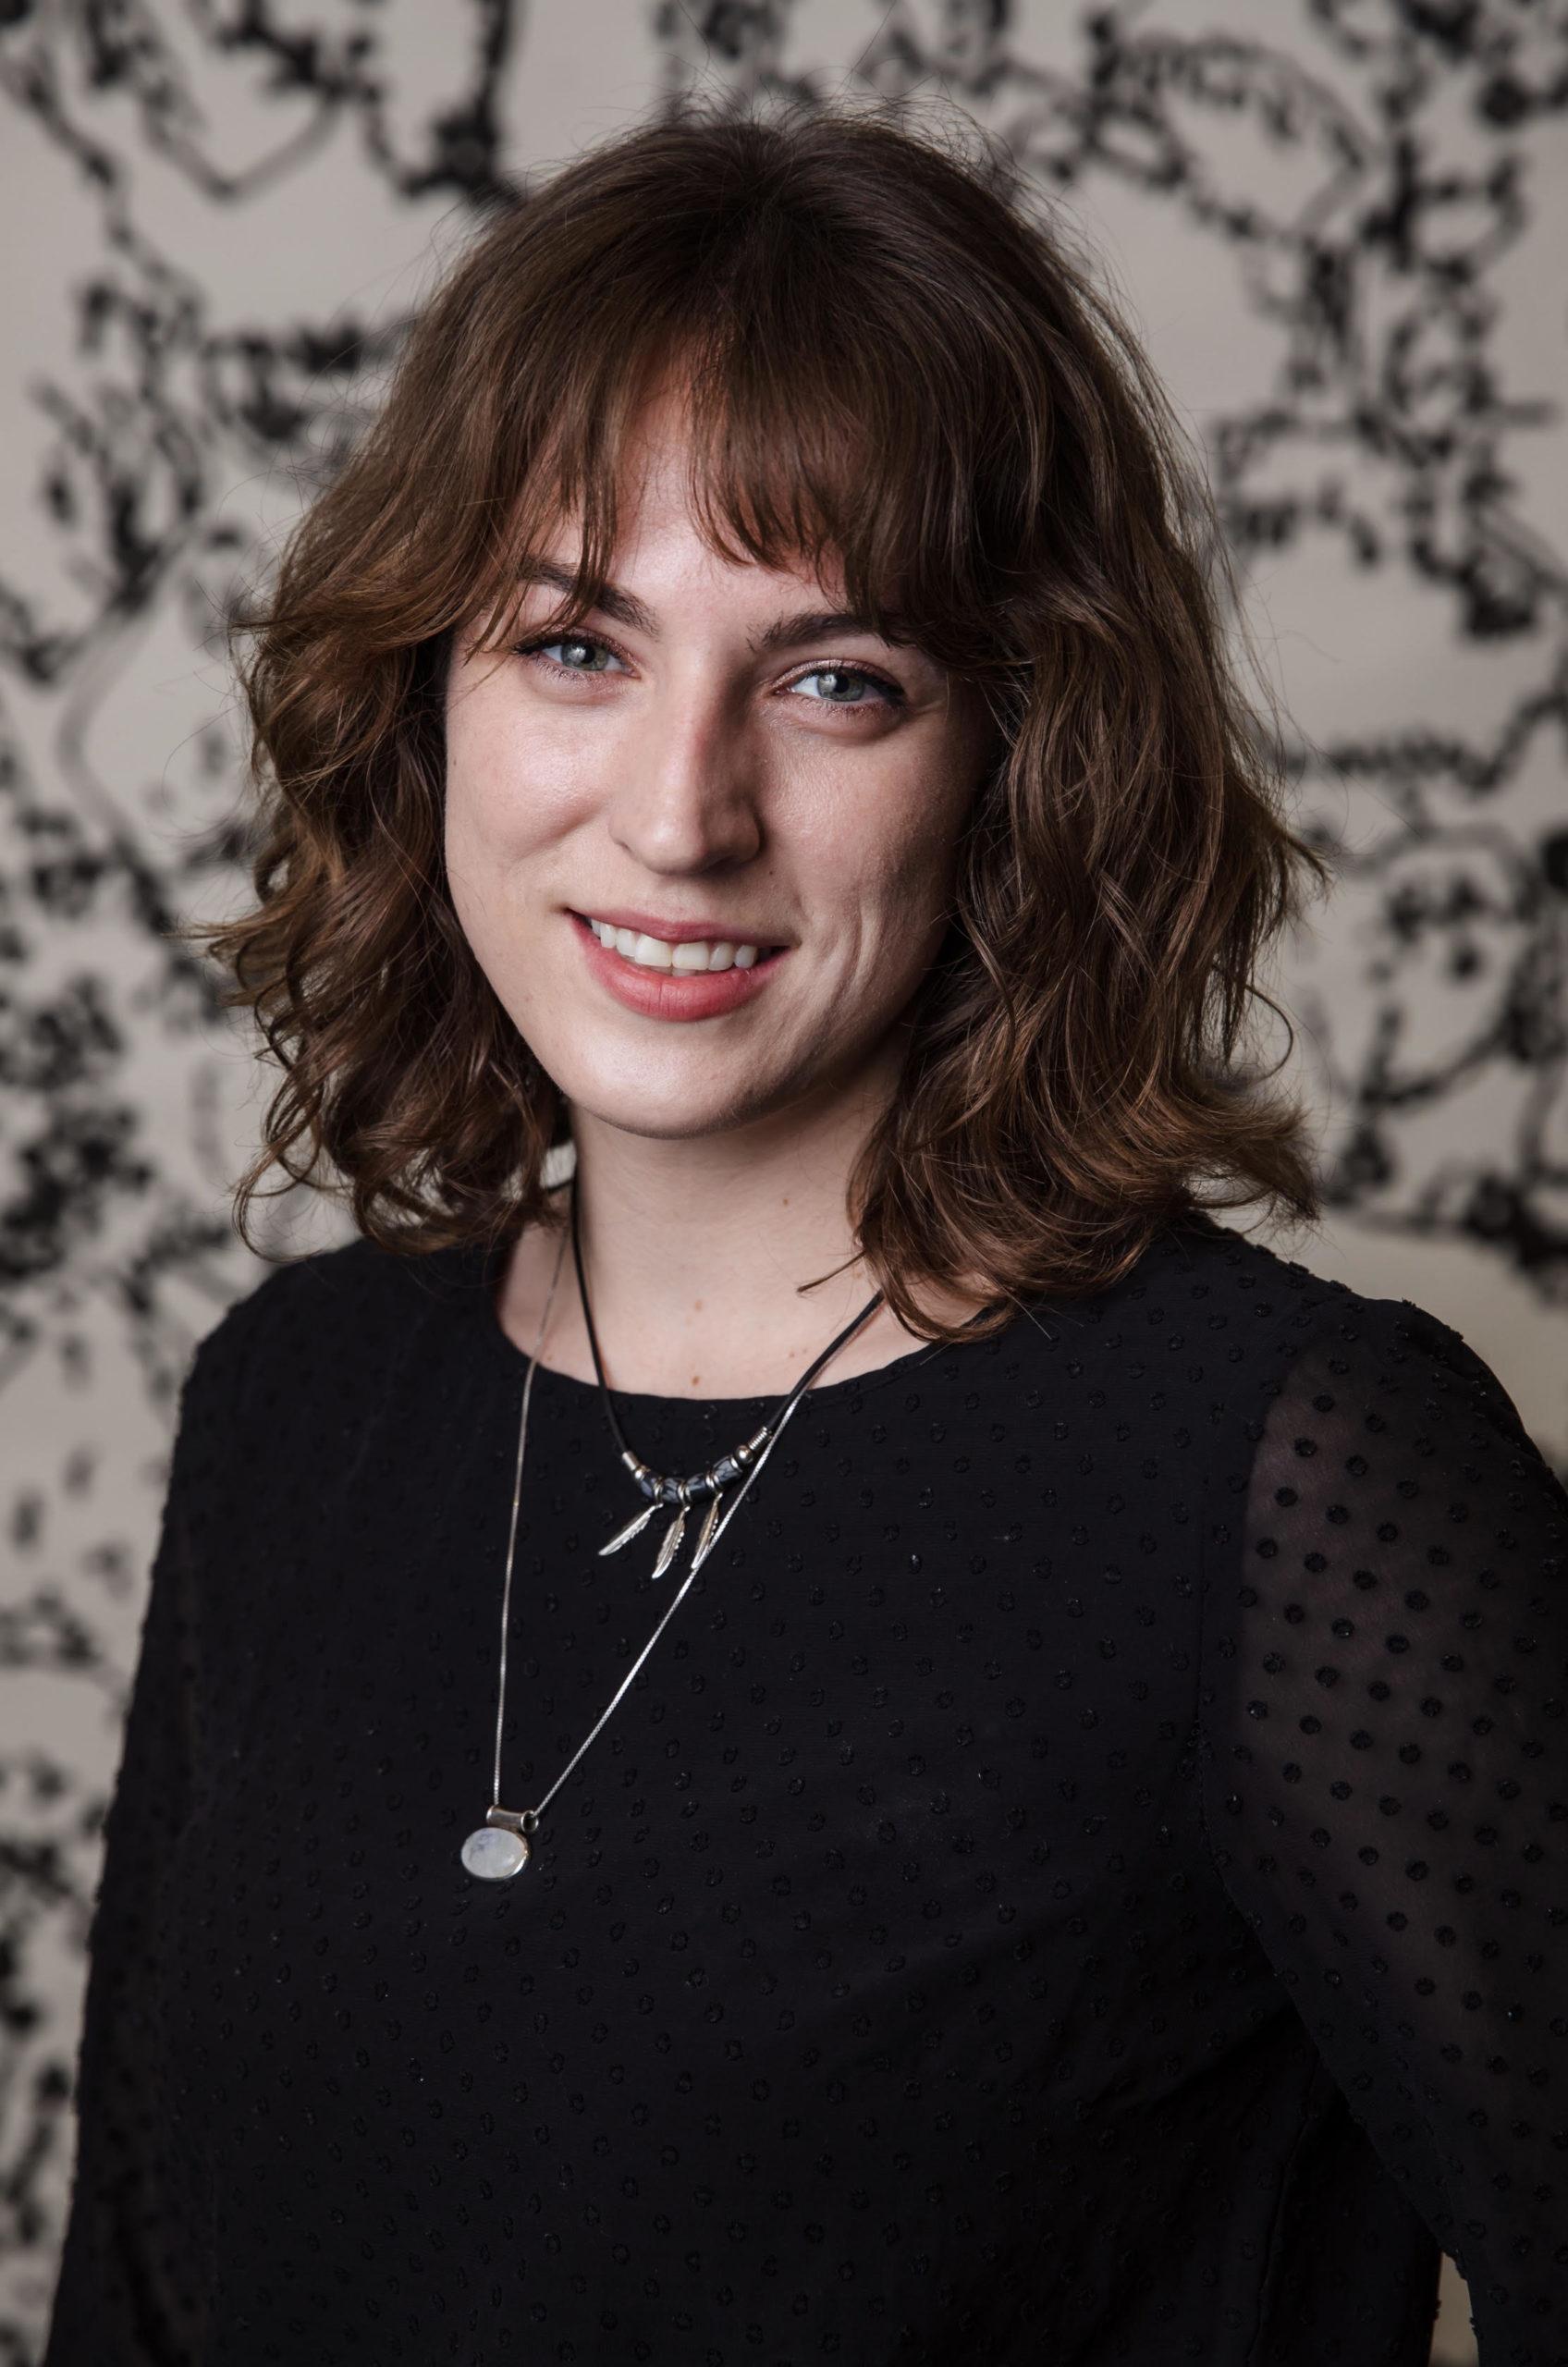 Ashley Touchton